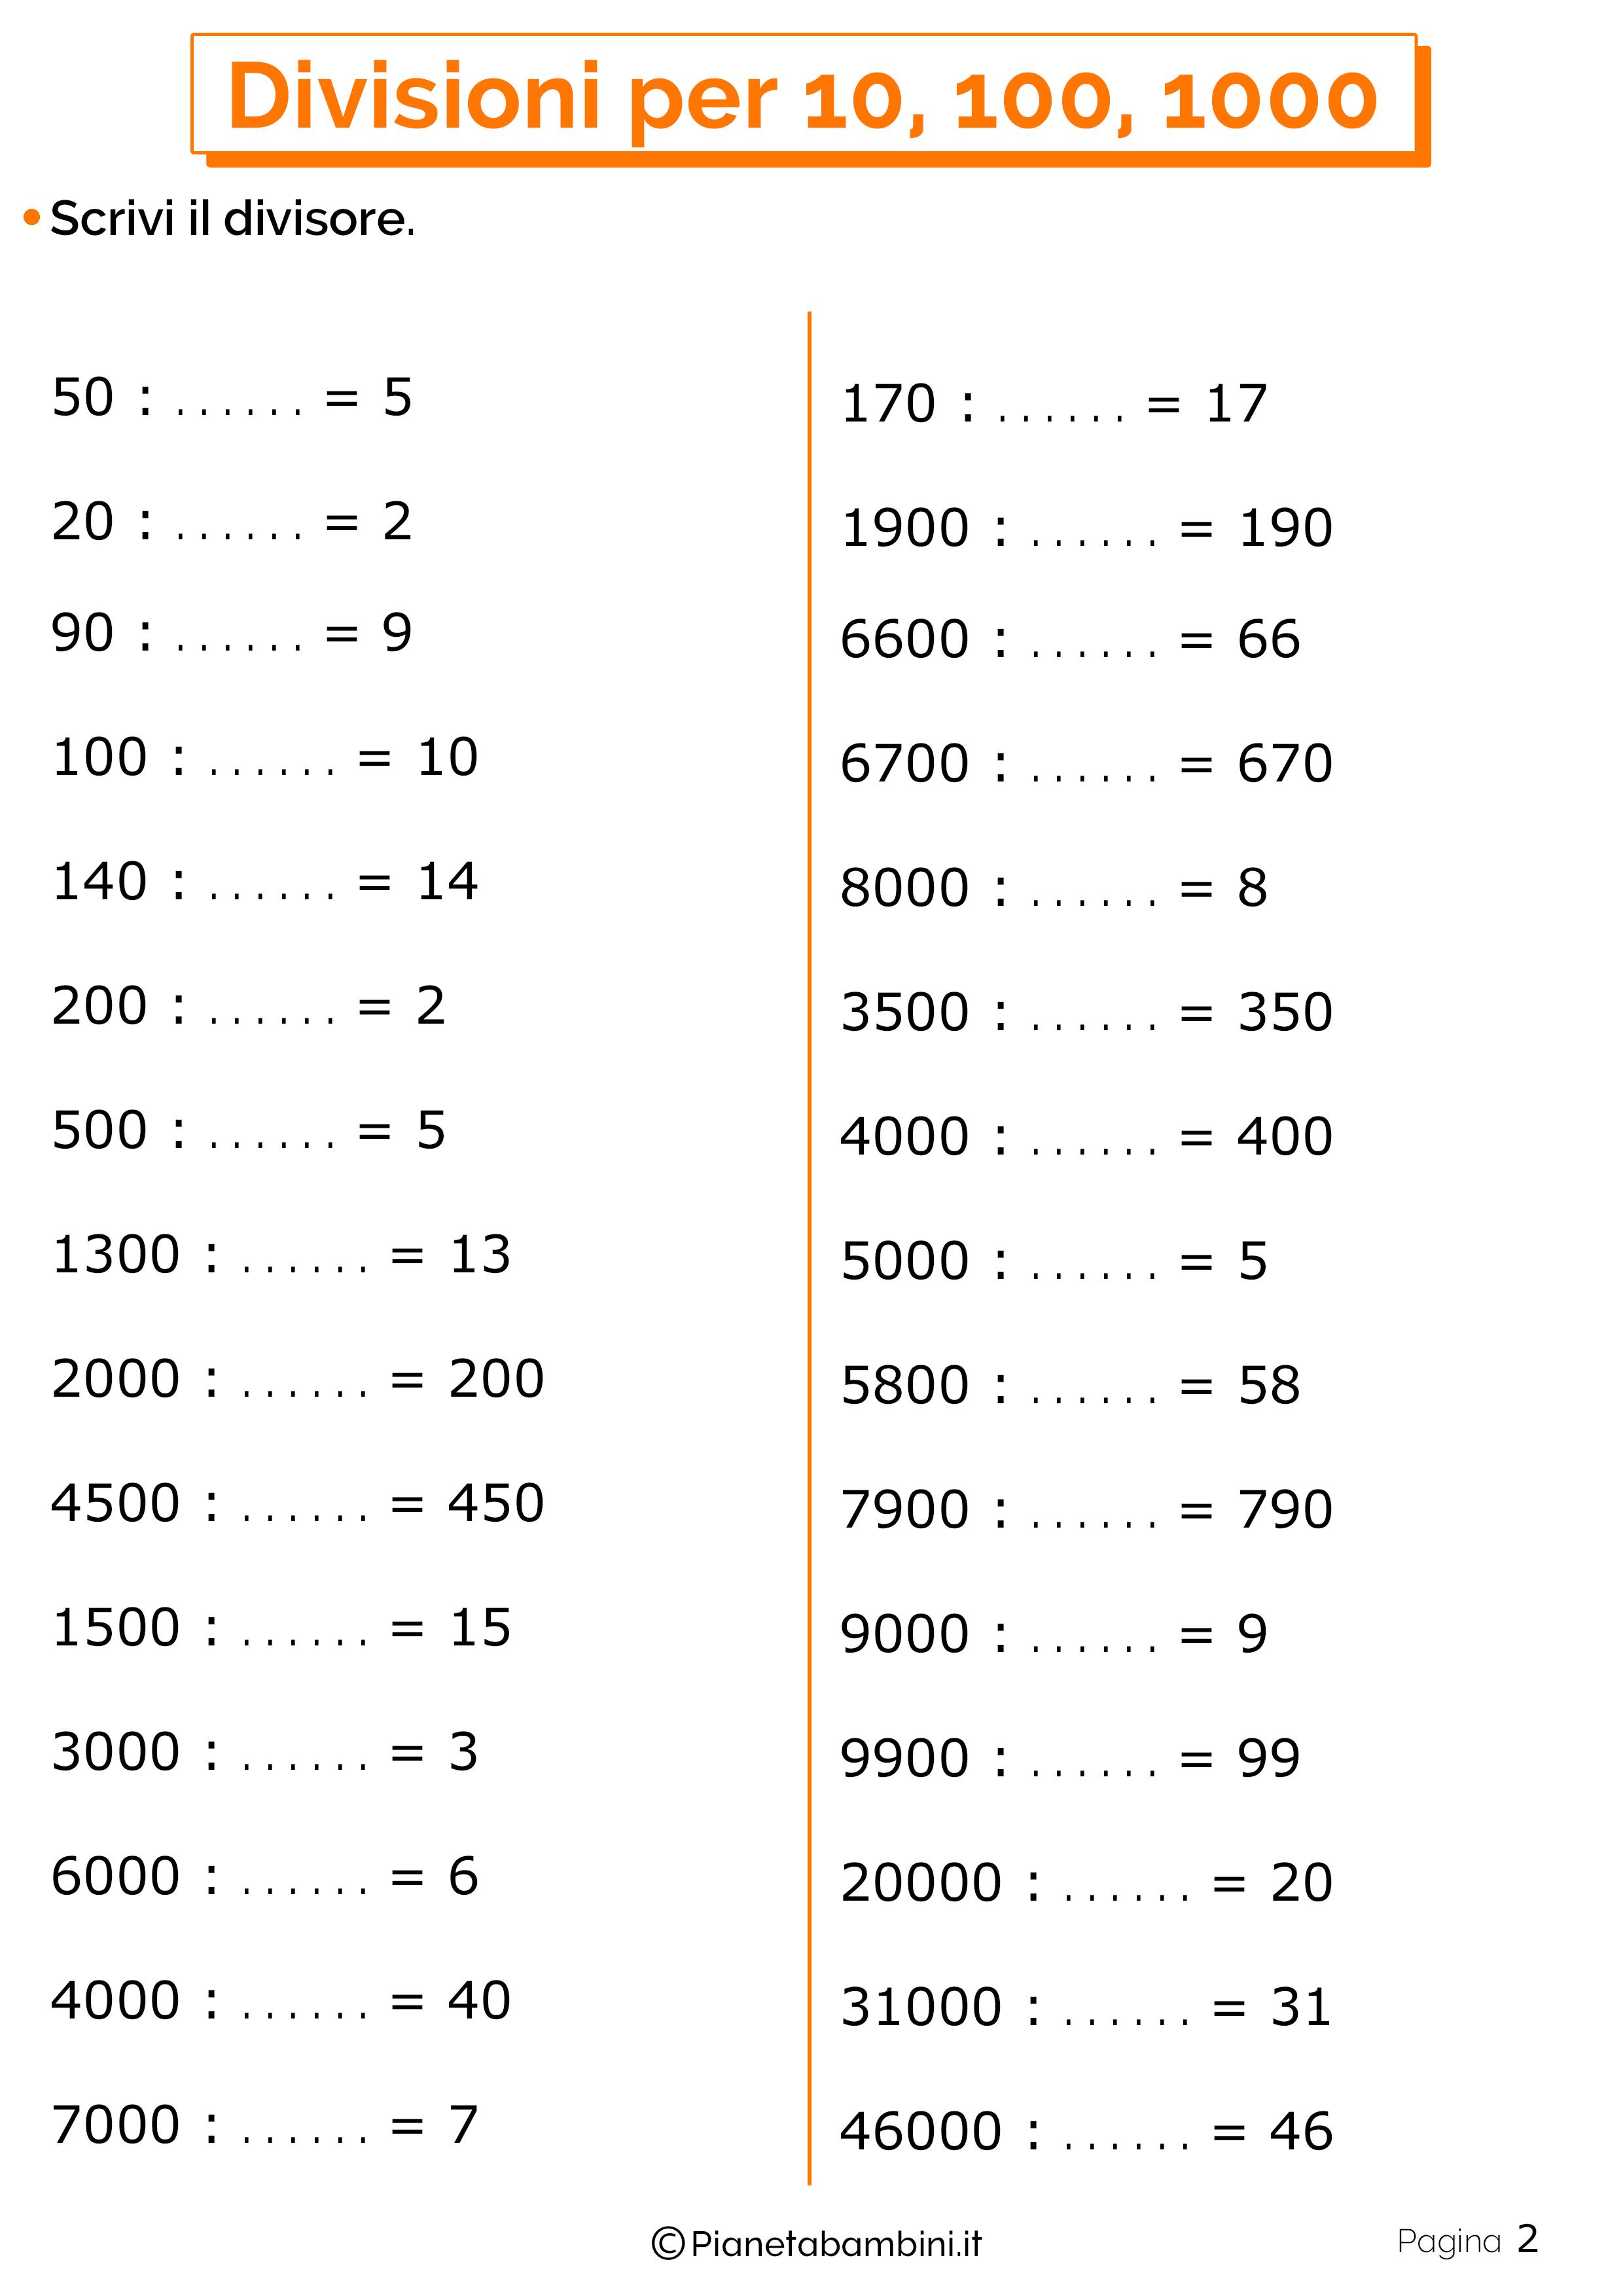 Schede didattiche divisioni per 10-100-1000 2